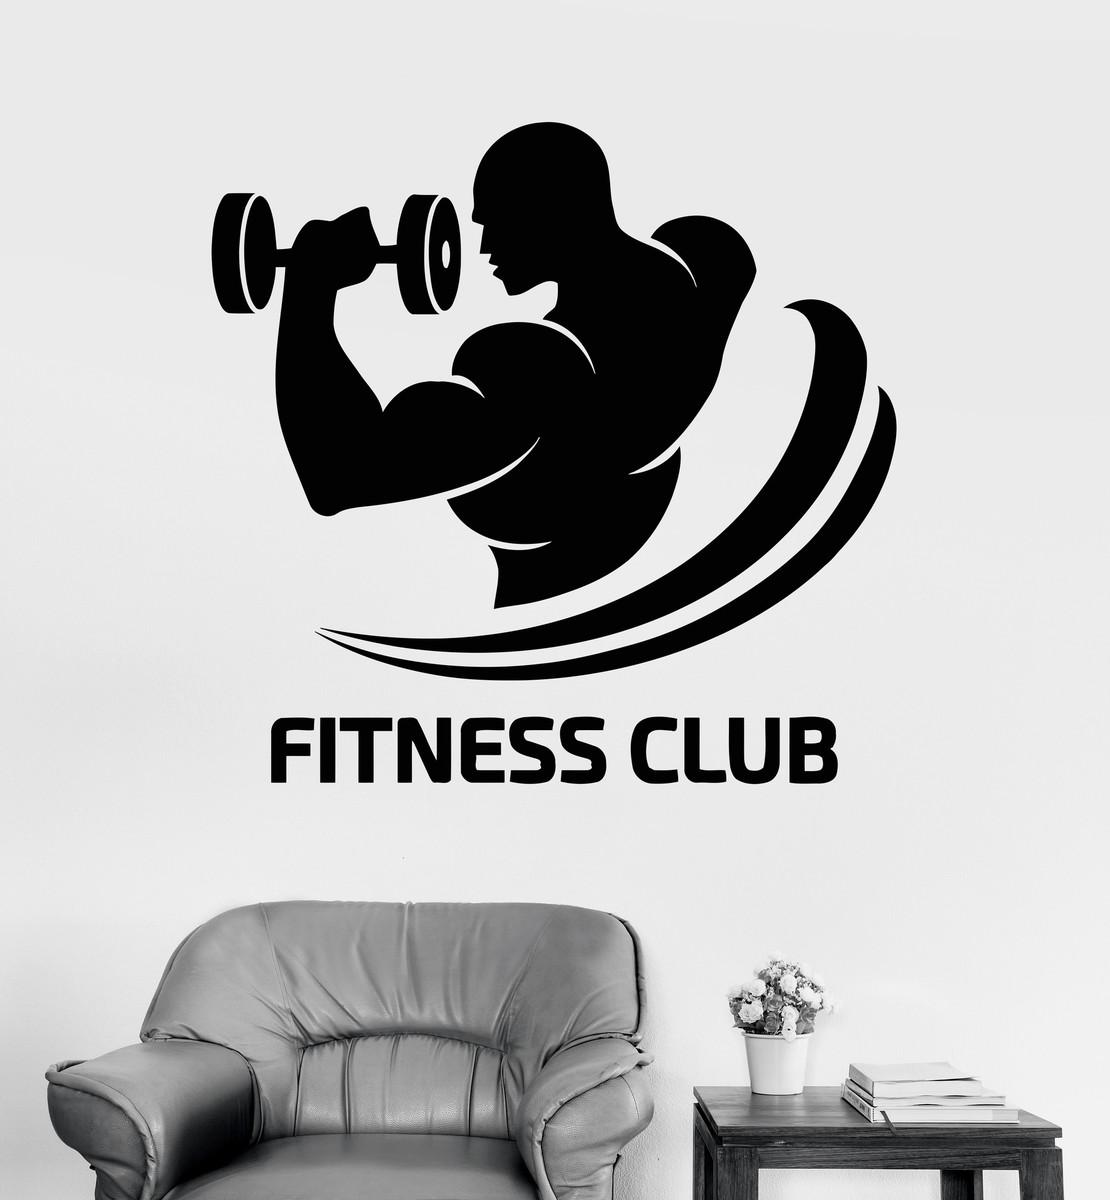 Adesivo Fitness No Elo7 Shopp Do Adesivo B052e9